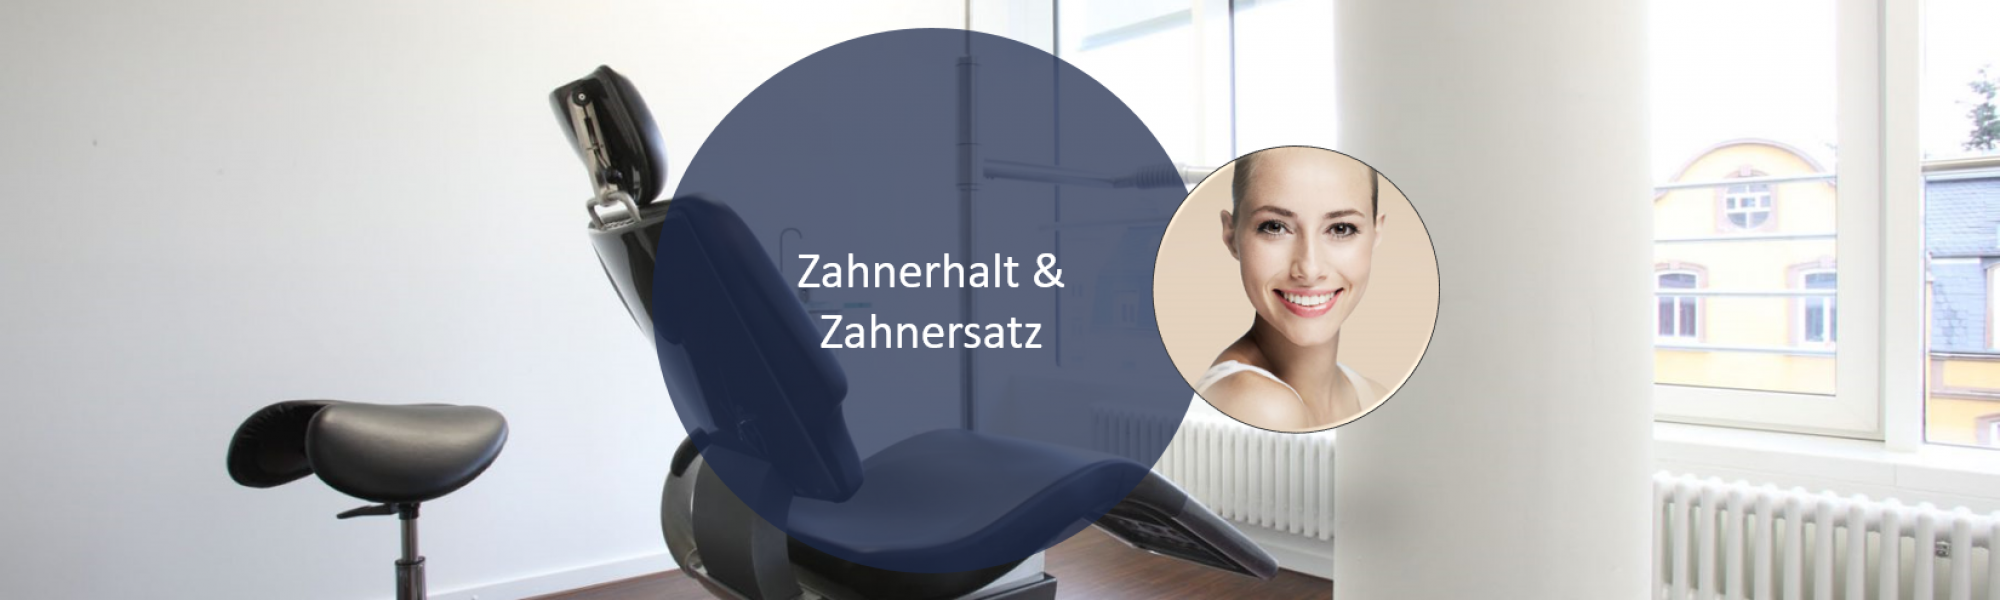 Zahnerhalt & Zahnersatz im Dental Centrum Bethanien bei Groisman & Laube